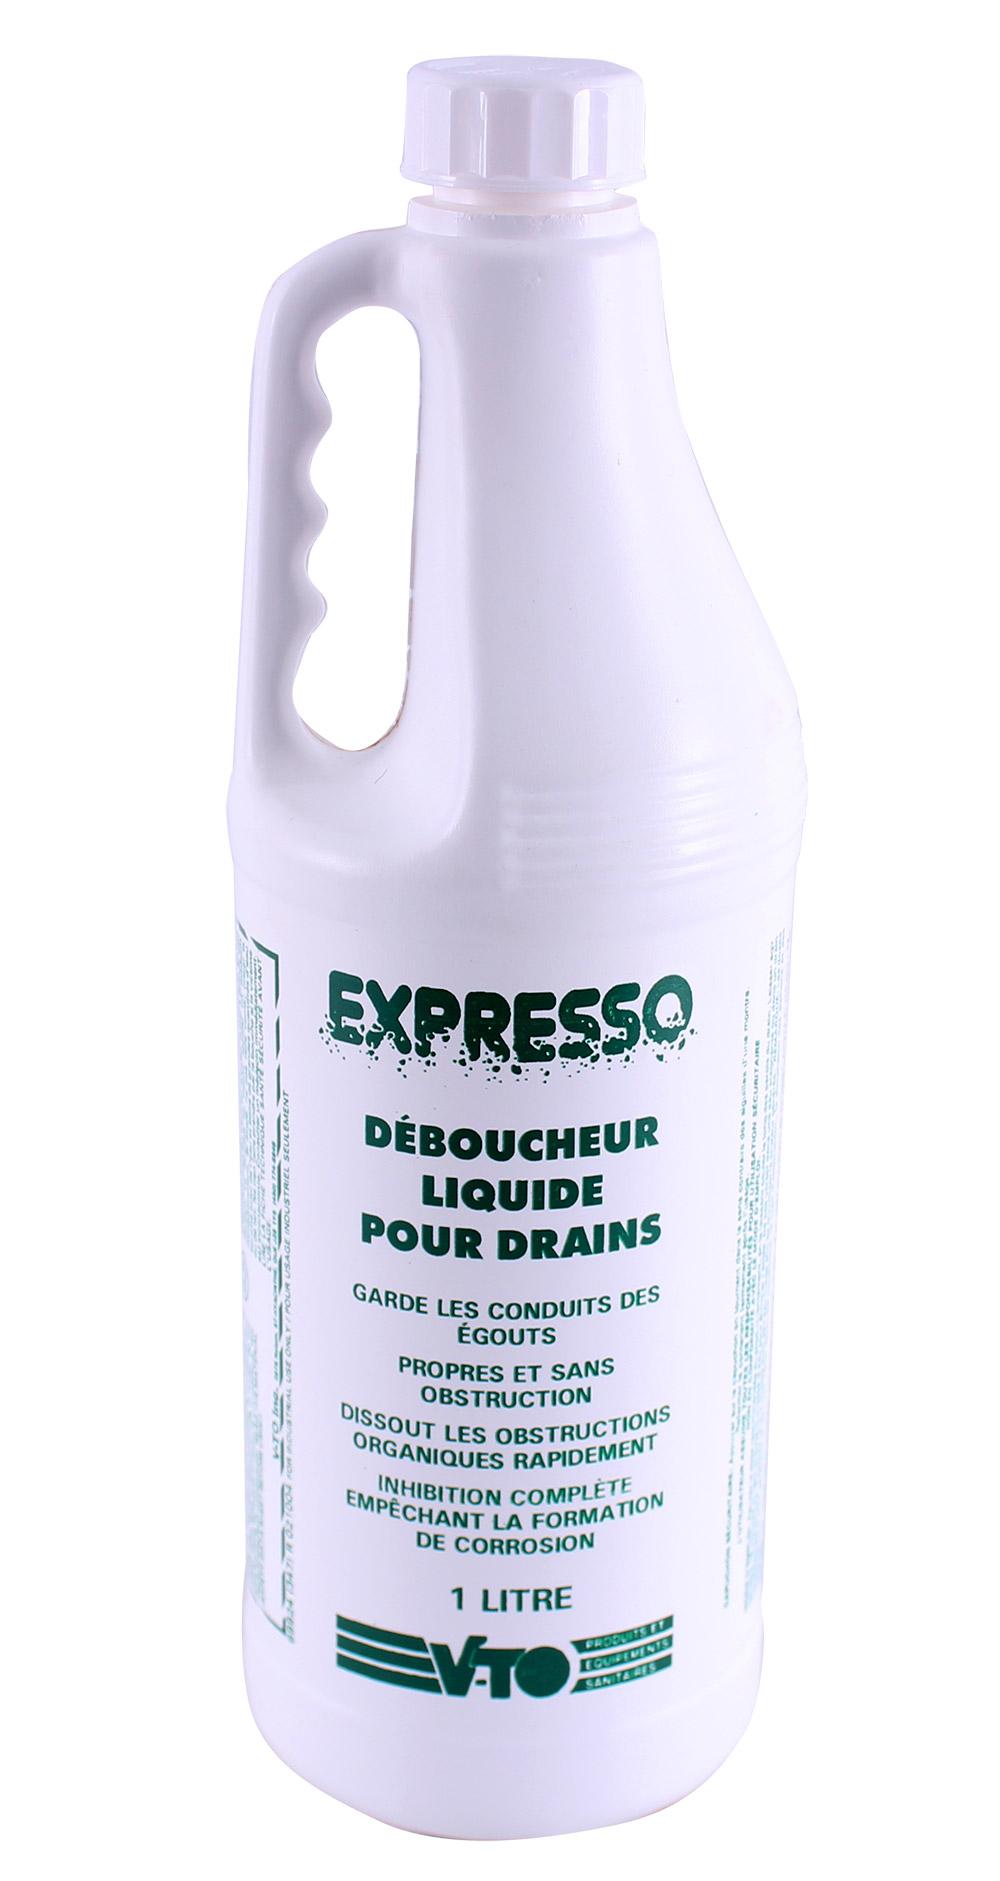 Expresso – Déboucheur pour drains